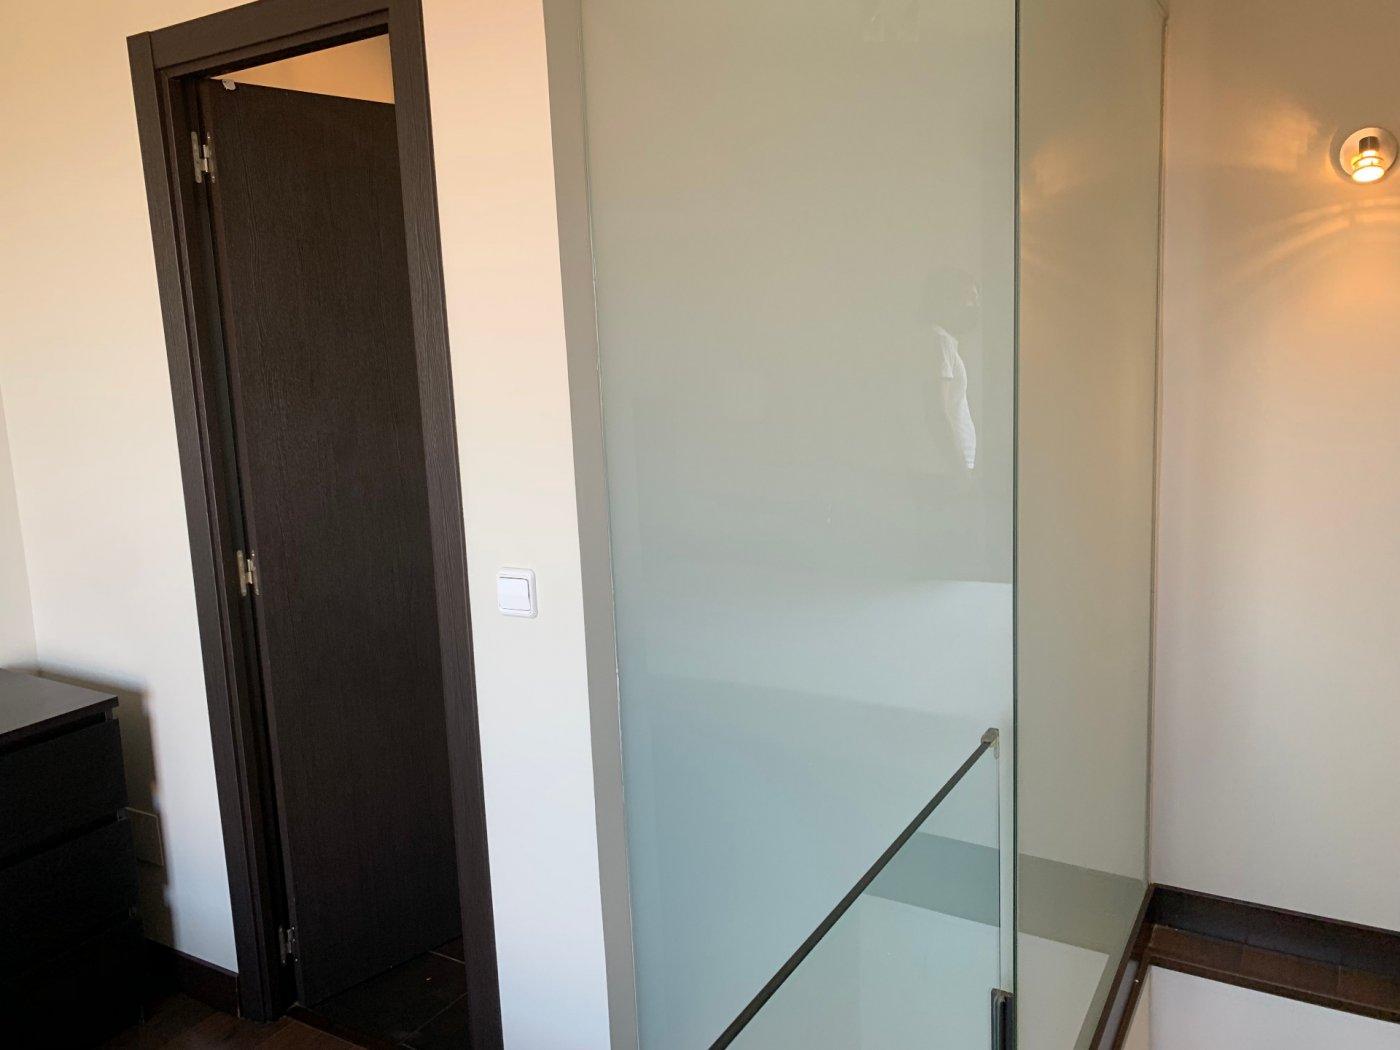 Venta o alquiler de piso en madrid - imagenInmueble29